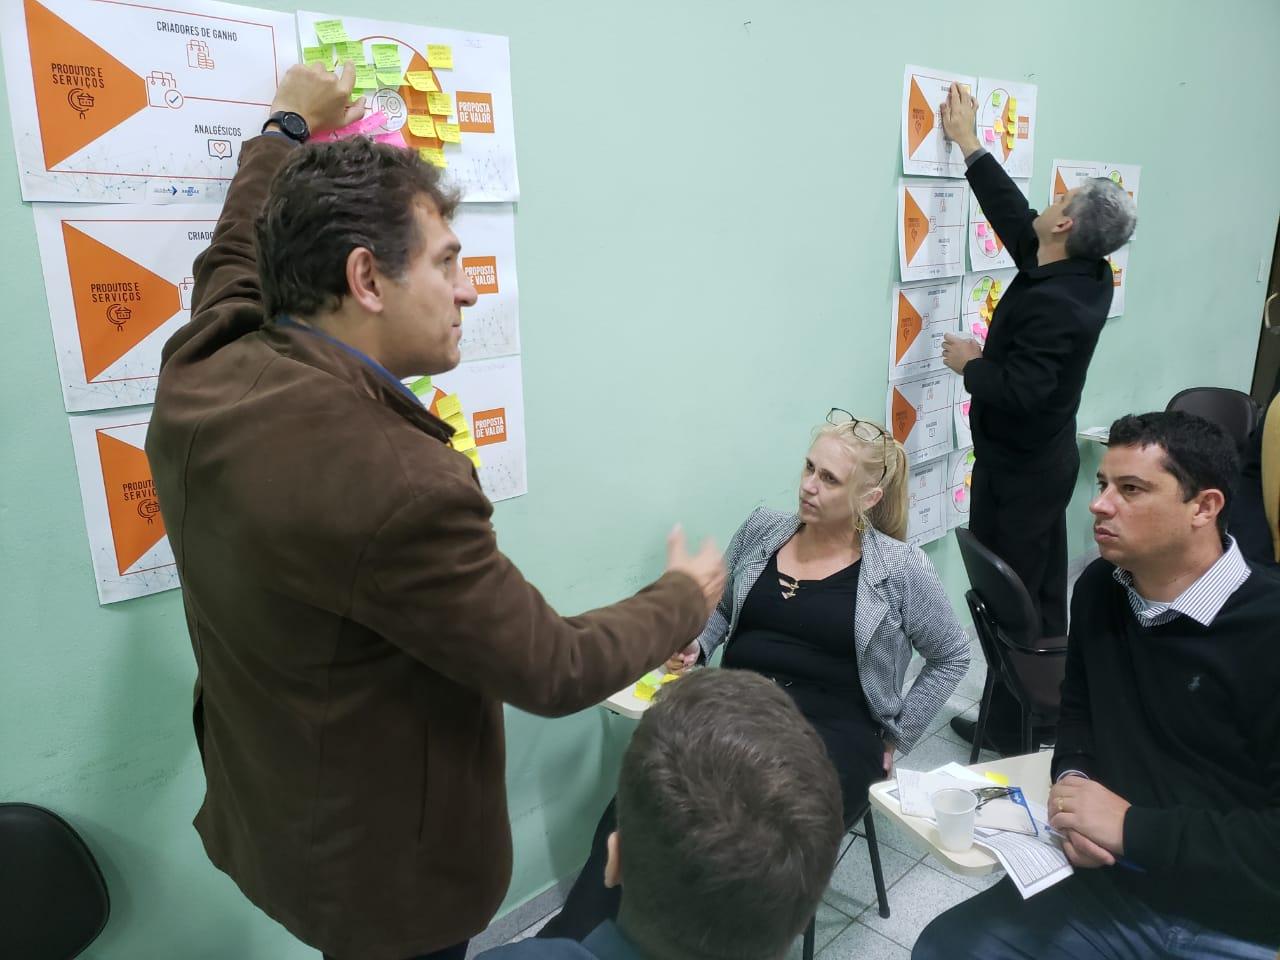 Prefeitura de Brusque reúne diretores e secretários para construção do Plano Estratégico da Gestão Municipal (Pegem)